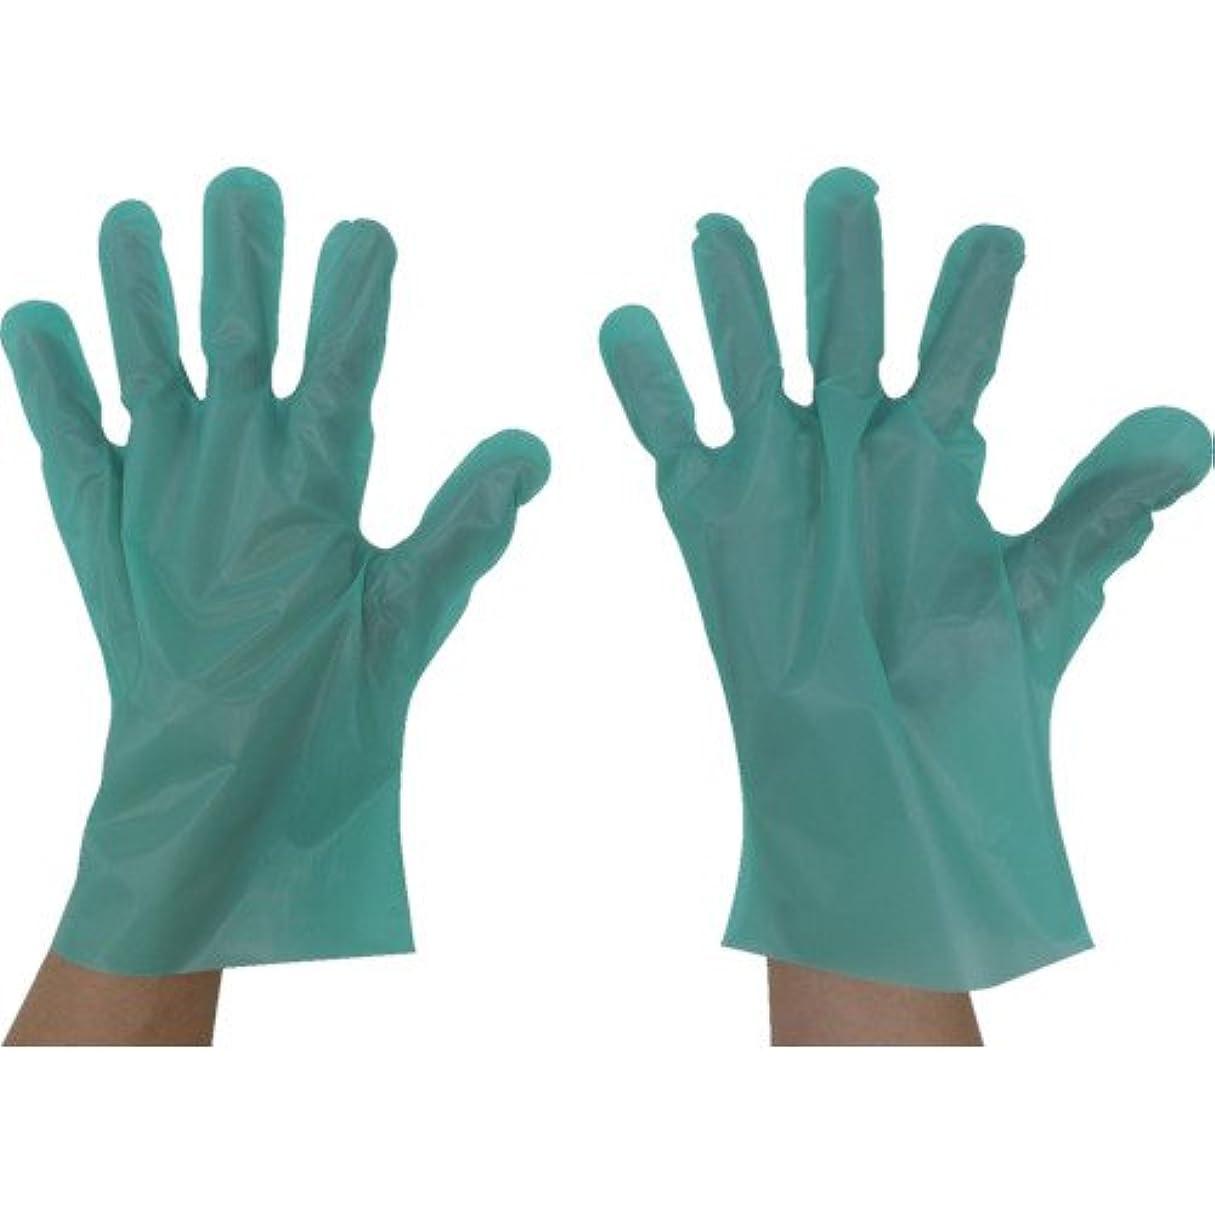 ドラフト架空の不平を言う東京パック エンボス手袋五本絞りエコノミー化粧箱M グリーン(入数:200枚) GEK-M